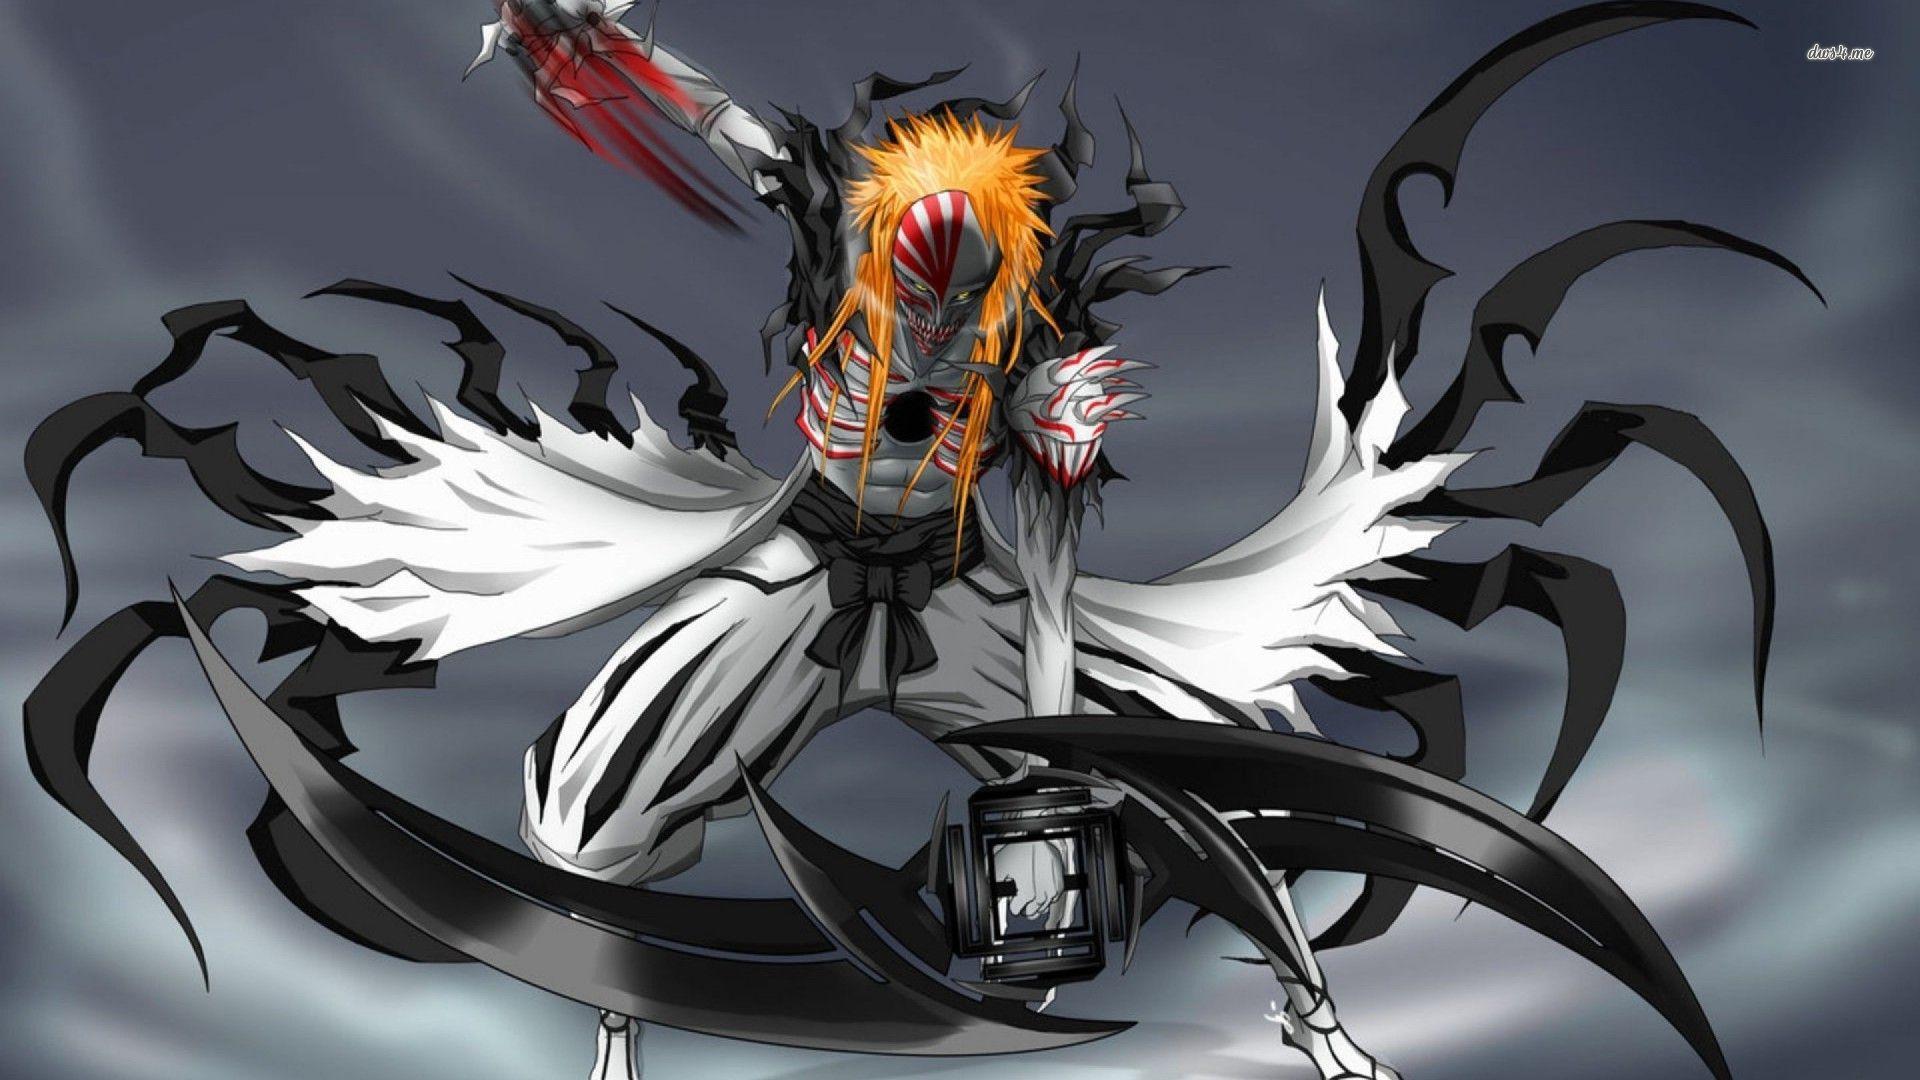 86 Entries In Bleach Manga Wallpapers Group Hollow Ichigo